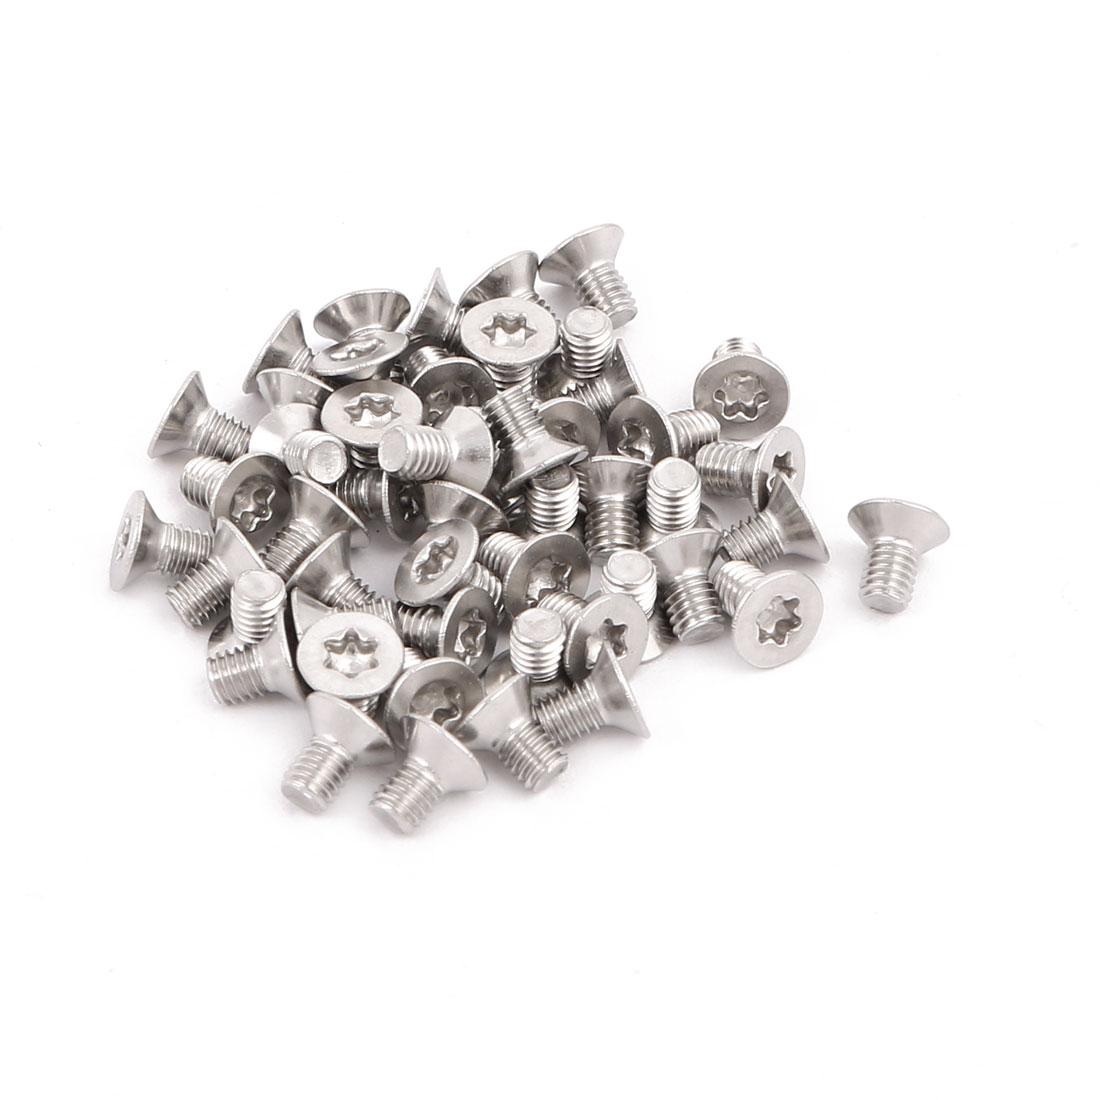 M3x5mm 304 Stainless Steel Fully Thread Flat Head Torx Screws Fasteners 50pcs